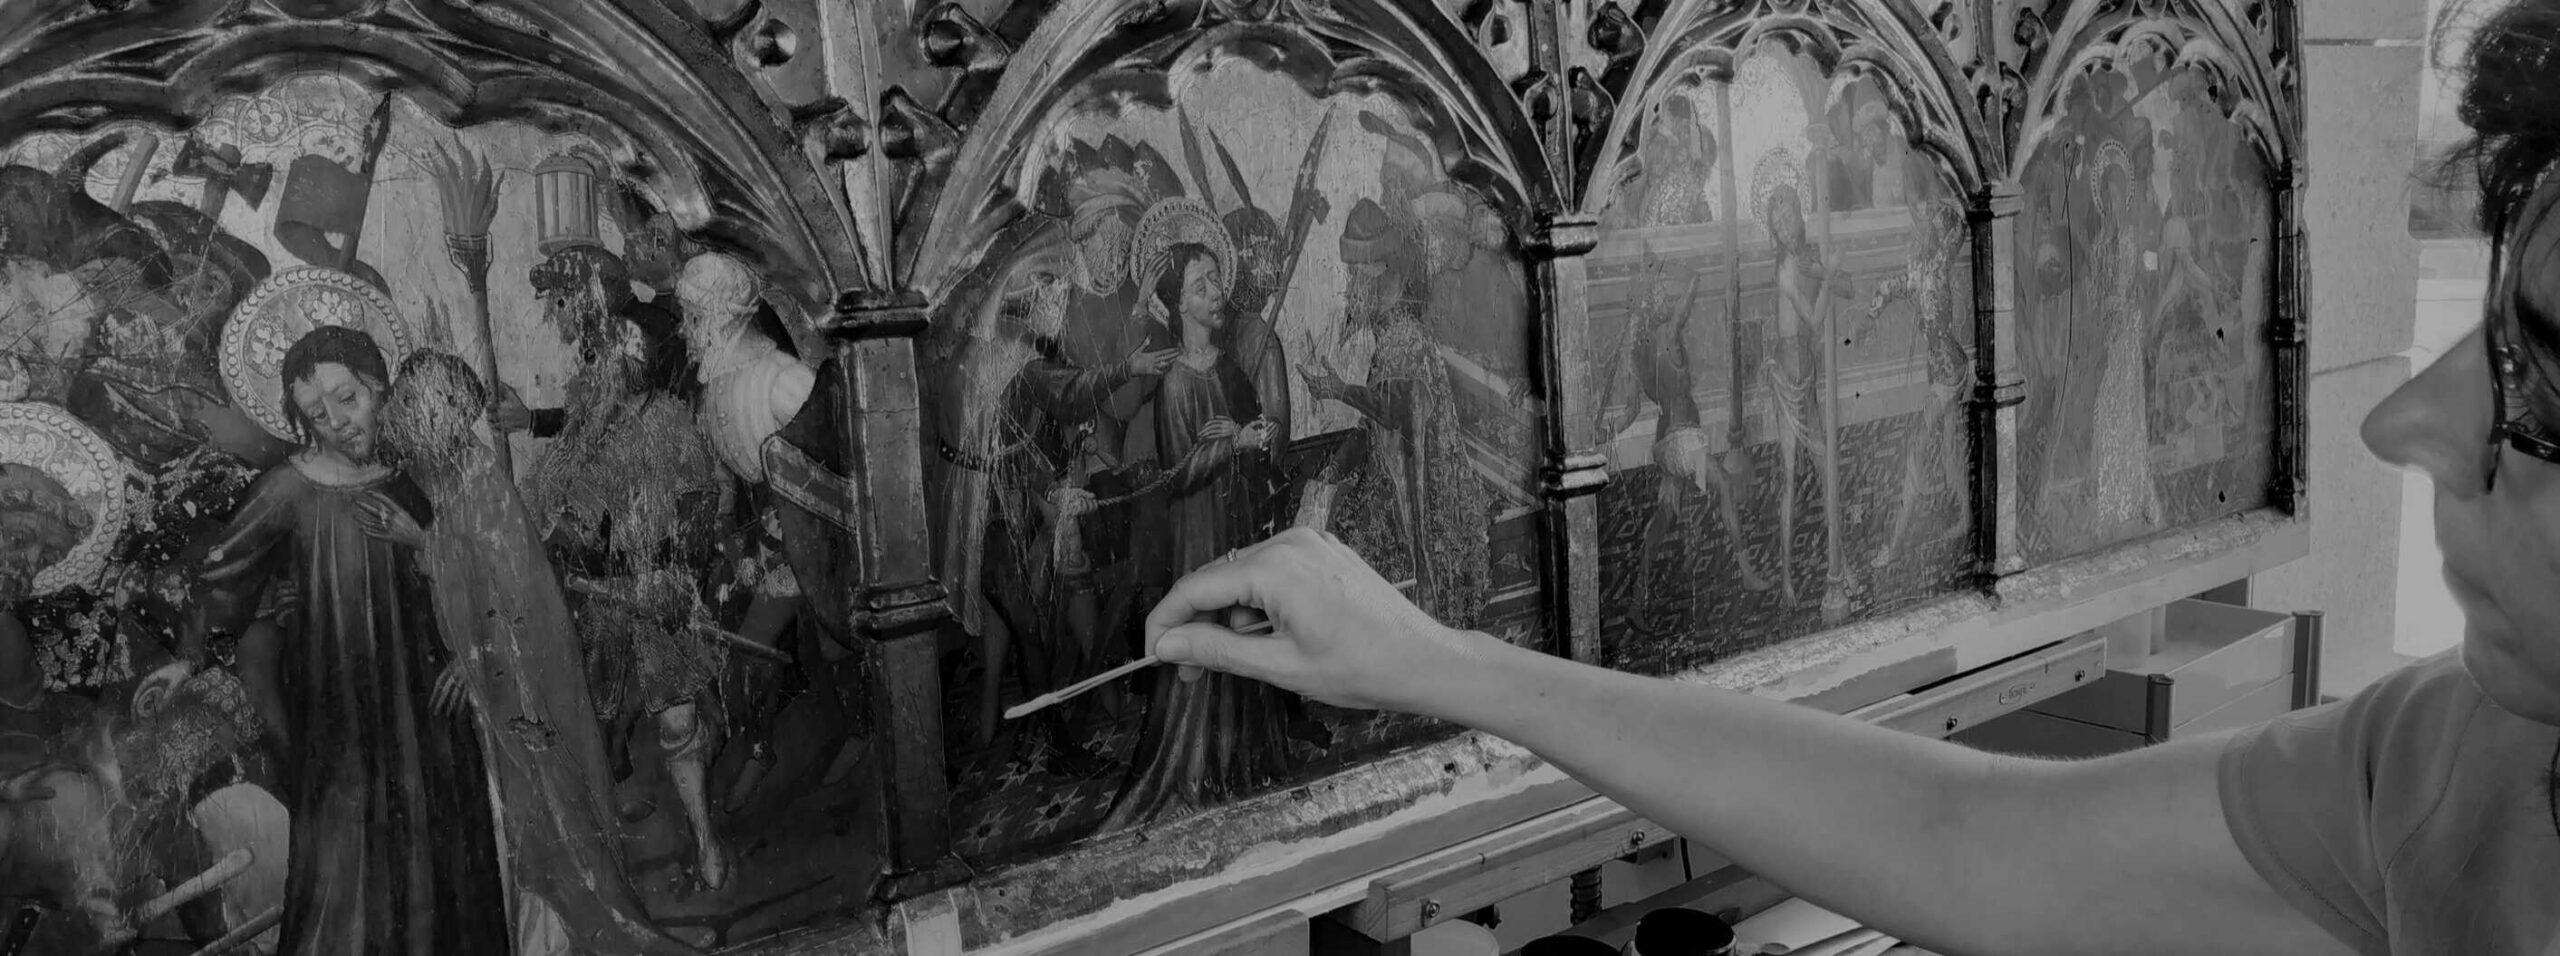 visita didáctica restauración retable de la Ploma en museo de bellas artes de valencia